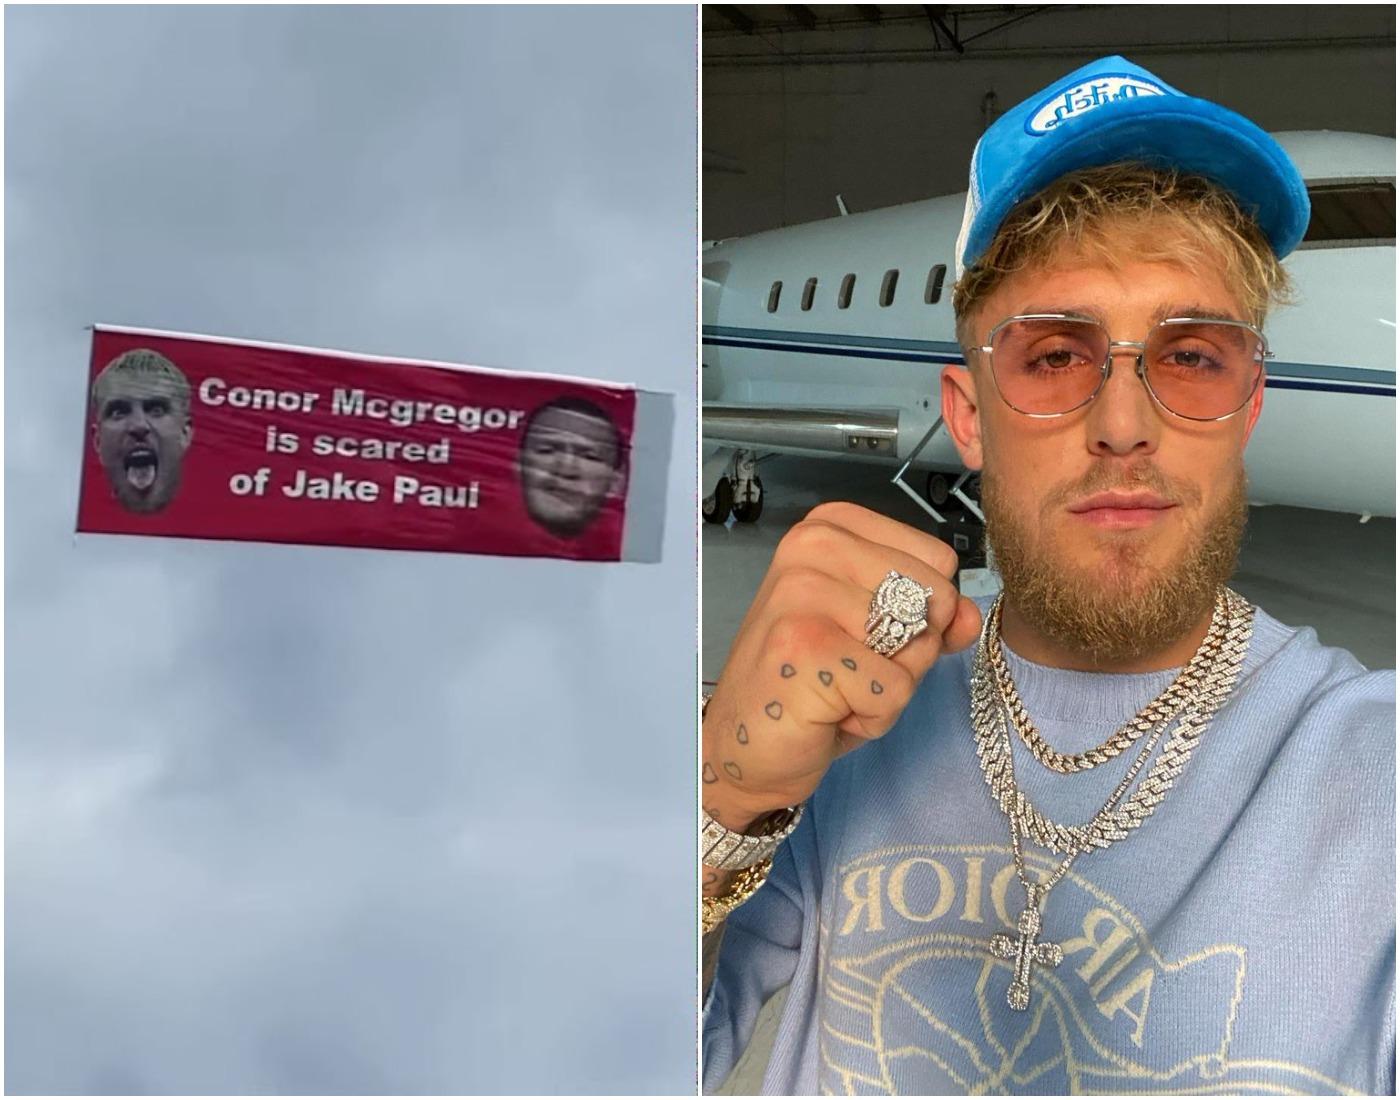 Джейк Пол показа със самолет, че Макгрегър се страхува от него